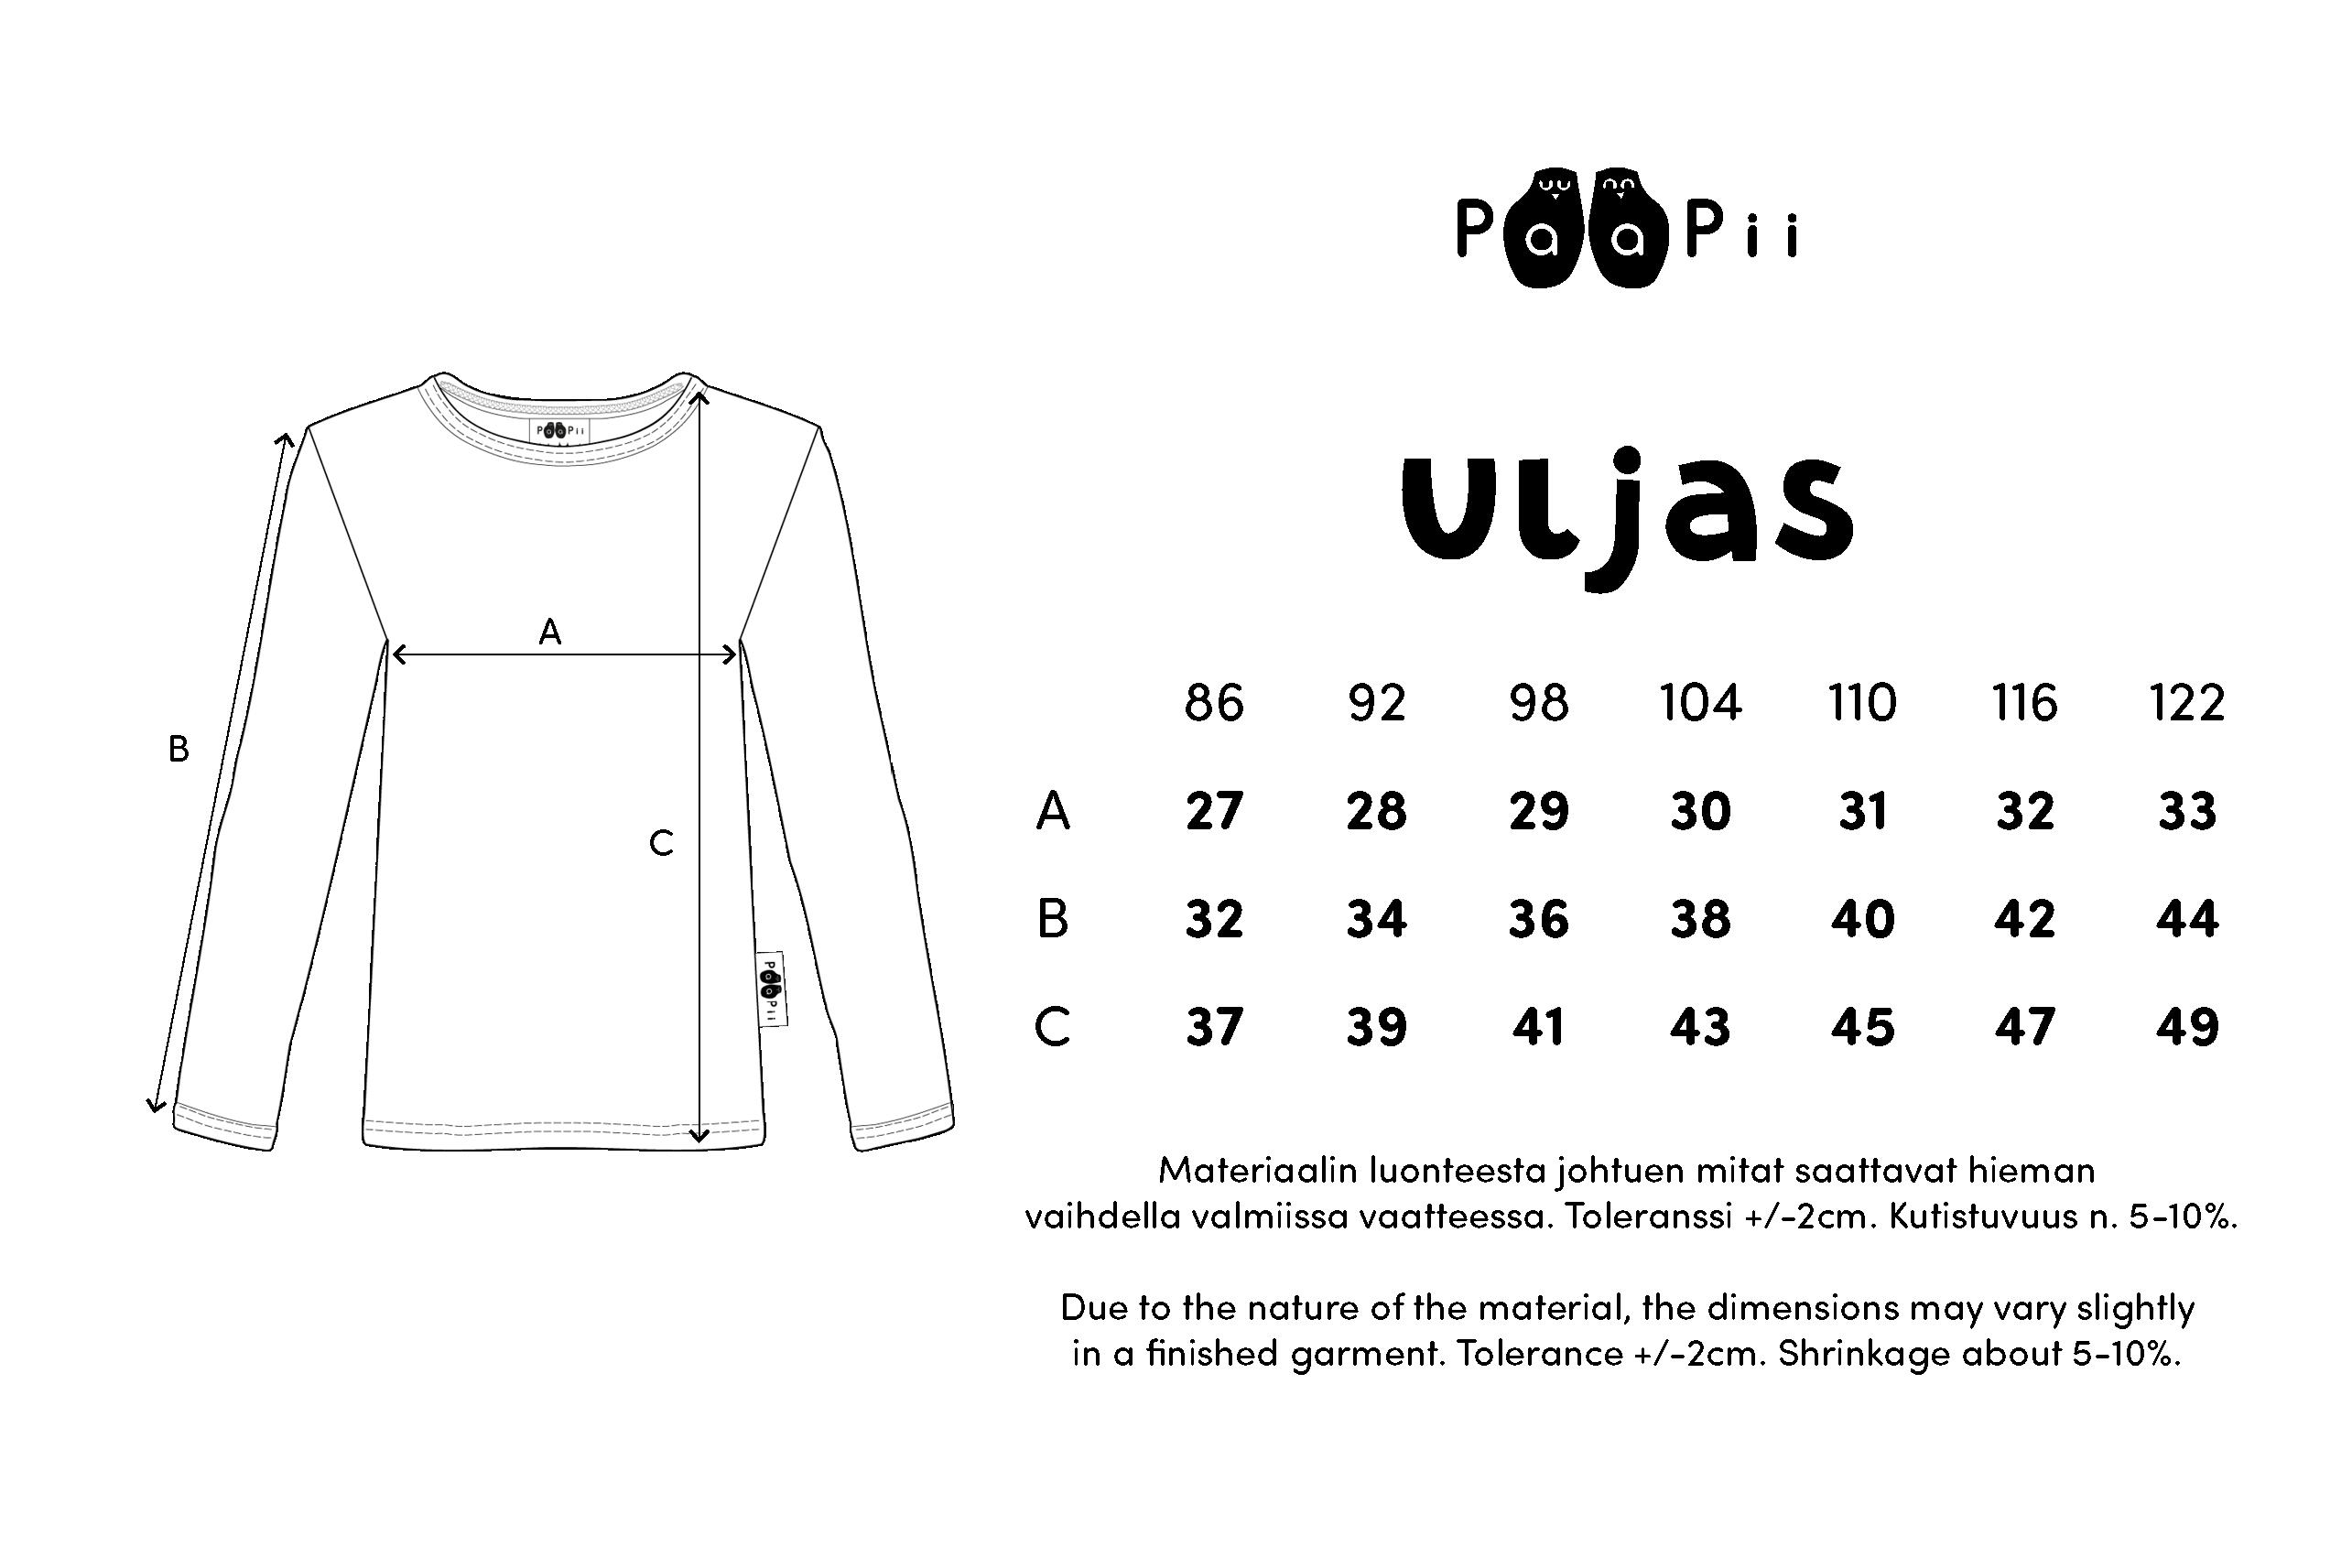 ULJAS paita,  Nuutti